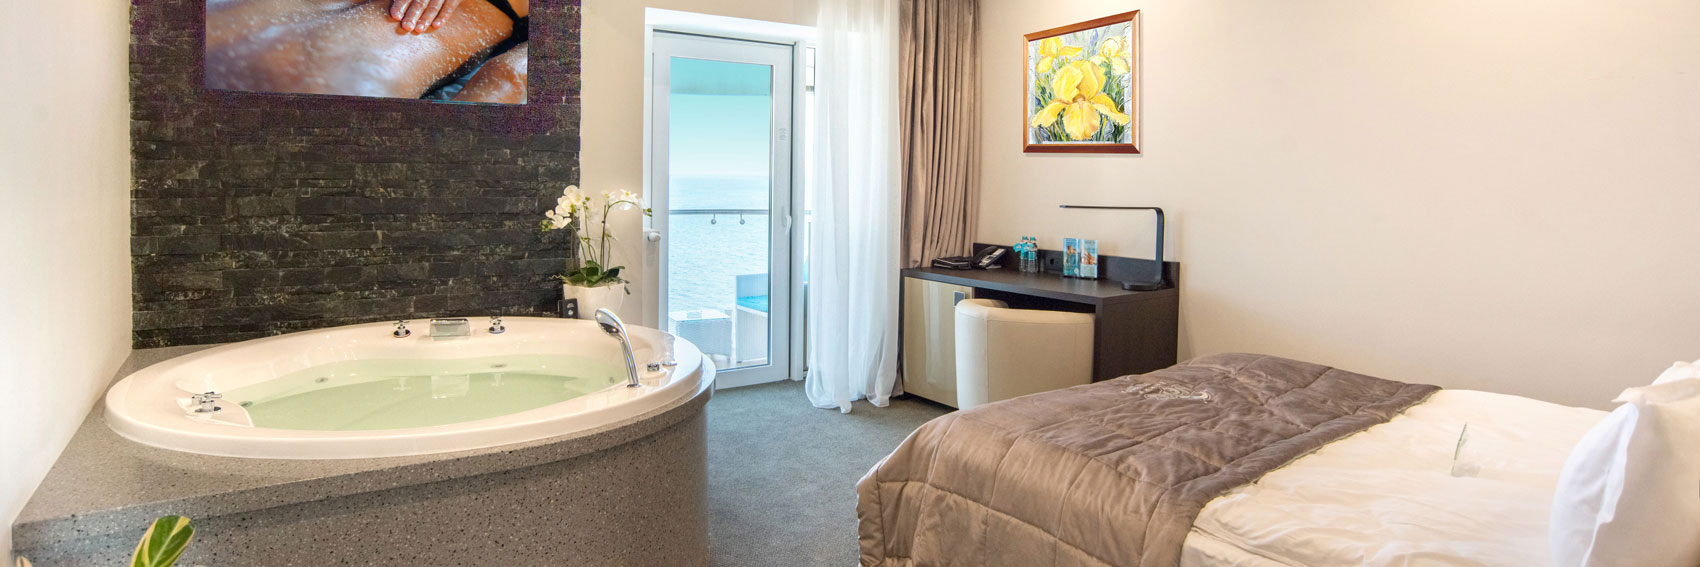 Family suite in RESORT & SPA HOTEL NEMO, photo № 1